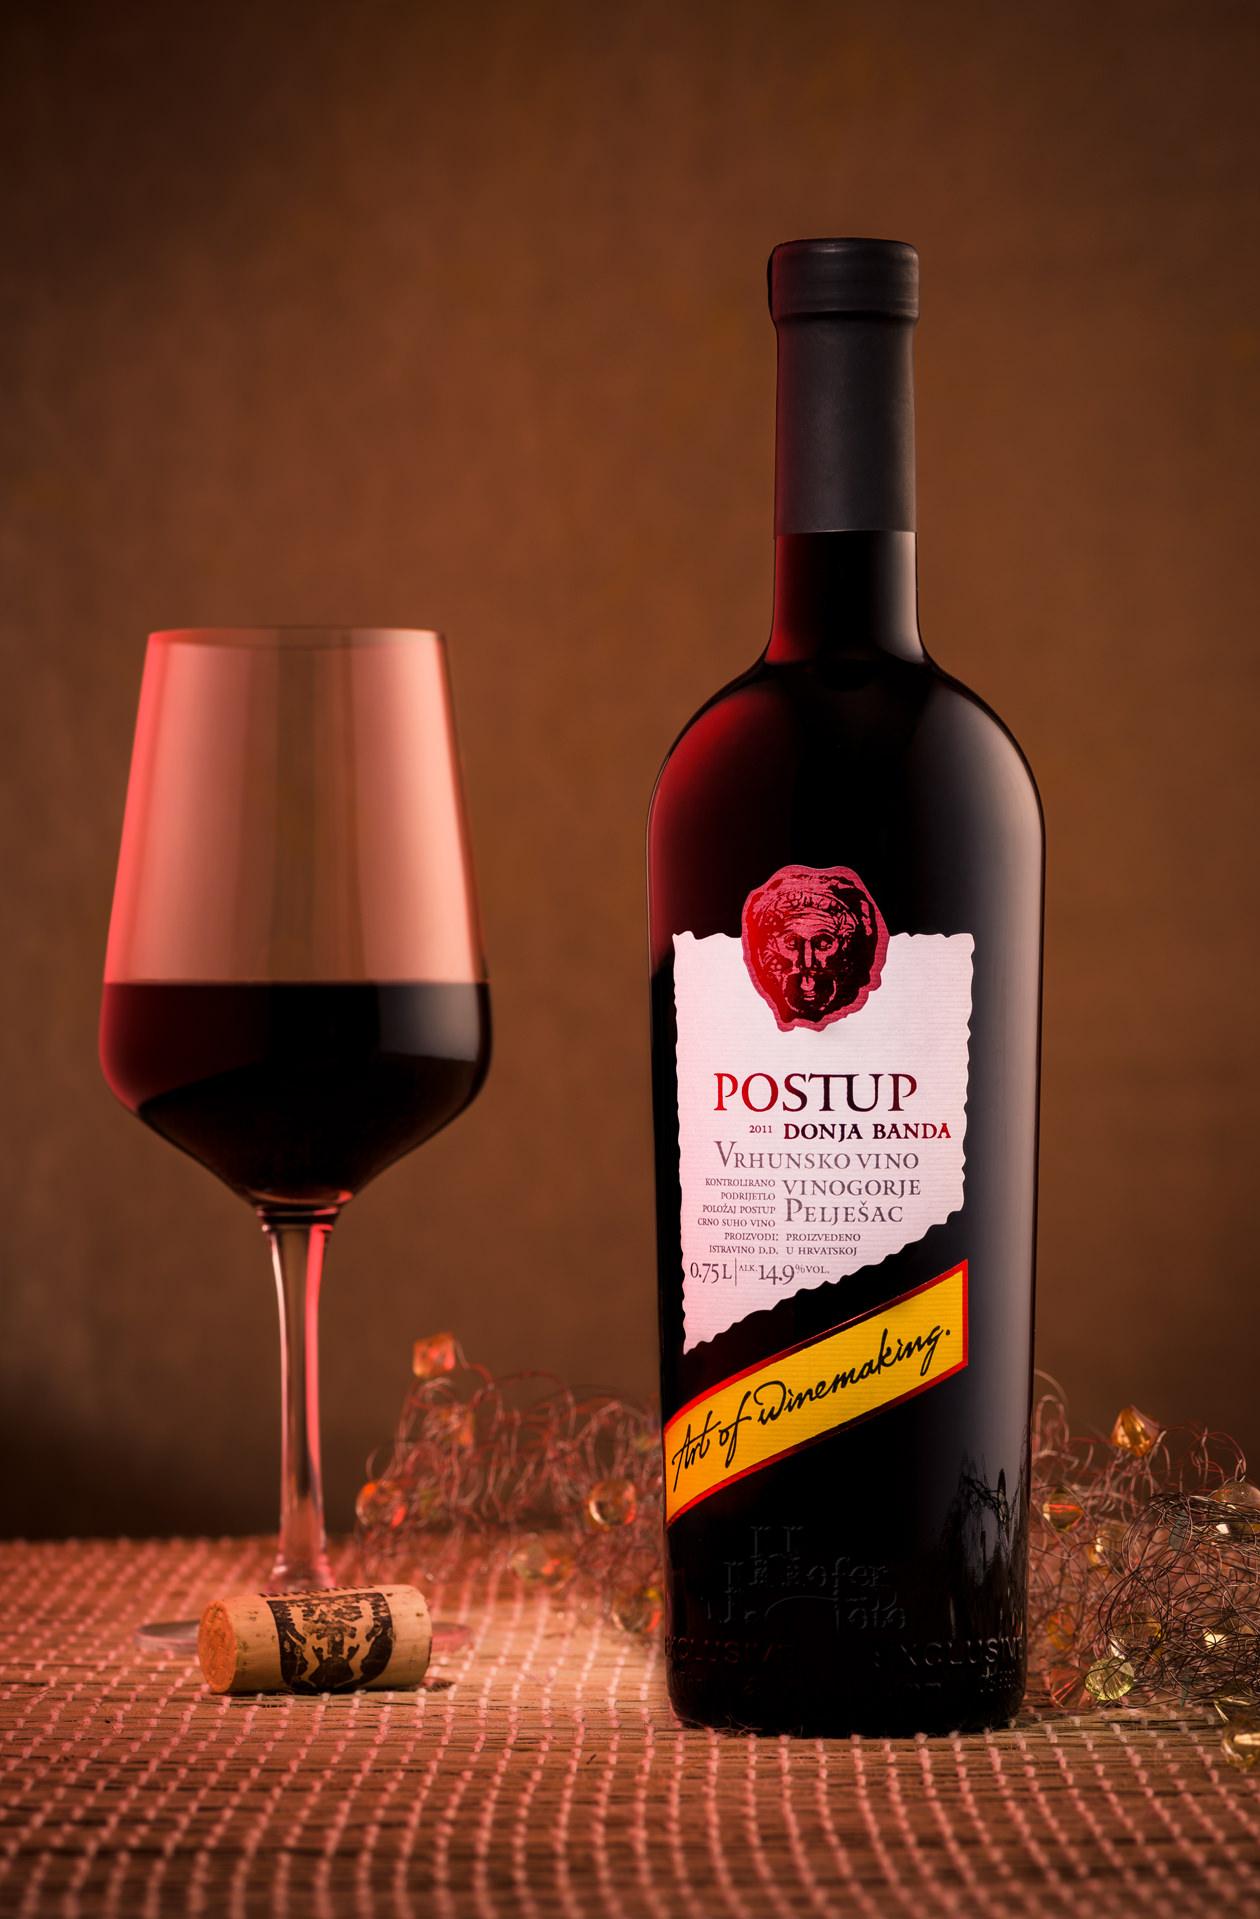 Wein Vino Produkt Advertising Werbung by JHofer-Foto Juergen Hofer